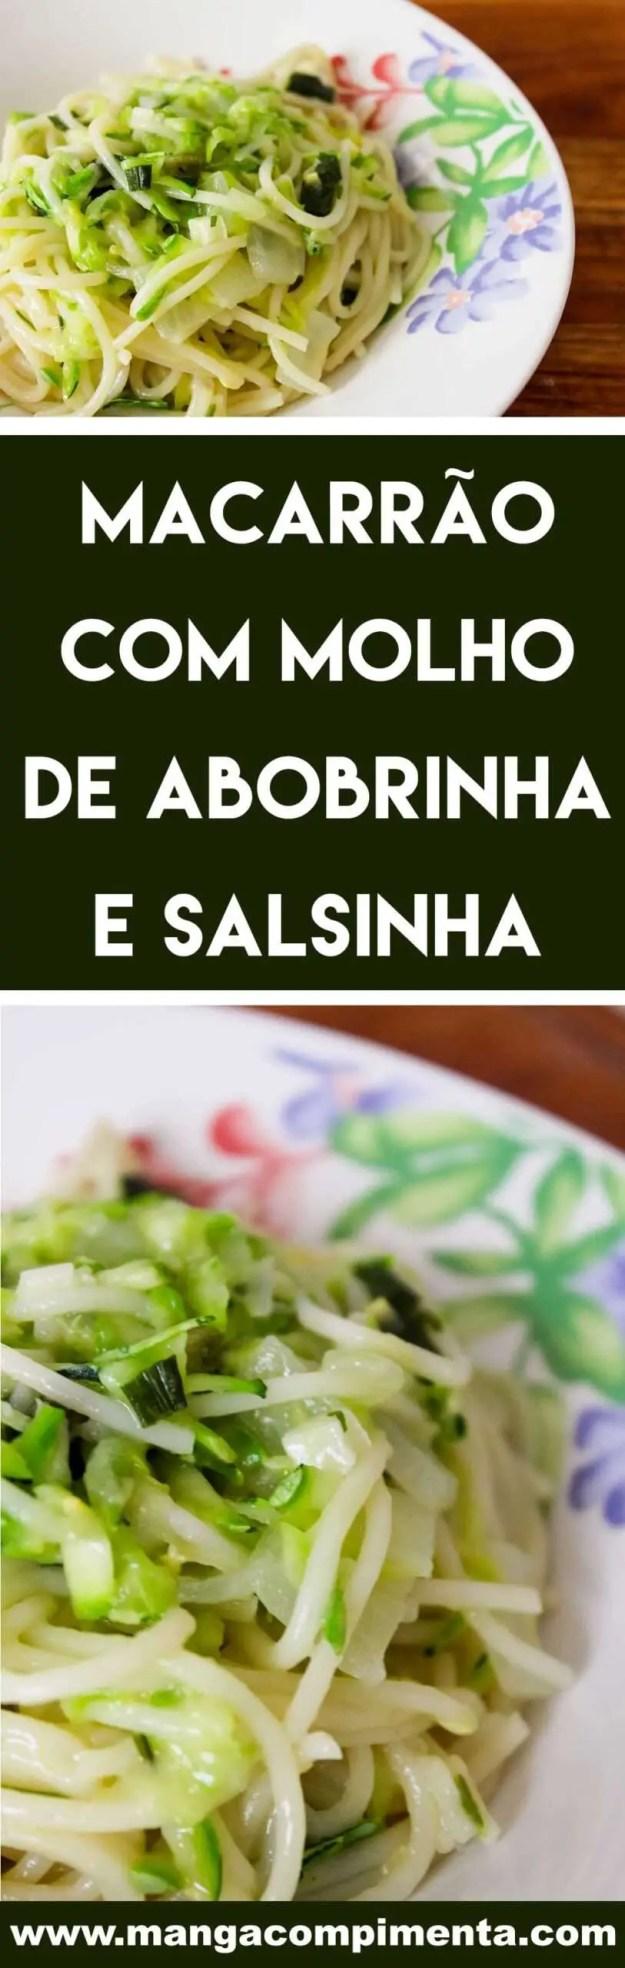 Receita de Macarrão com Molho de Abobrinha e Salsinha - para o almoço da semana da família.